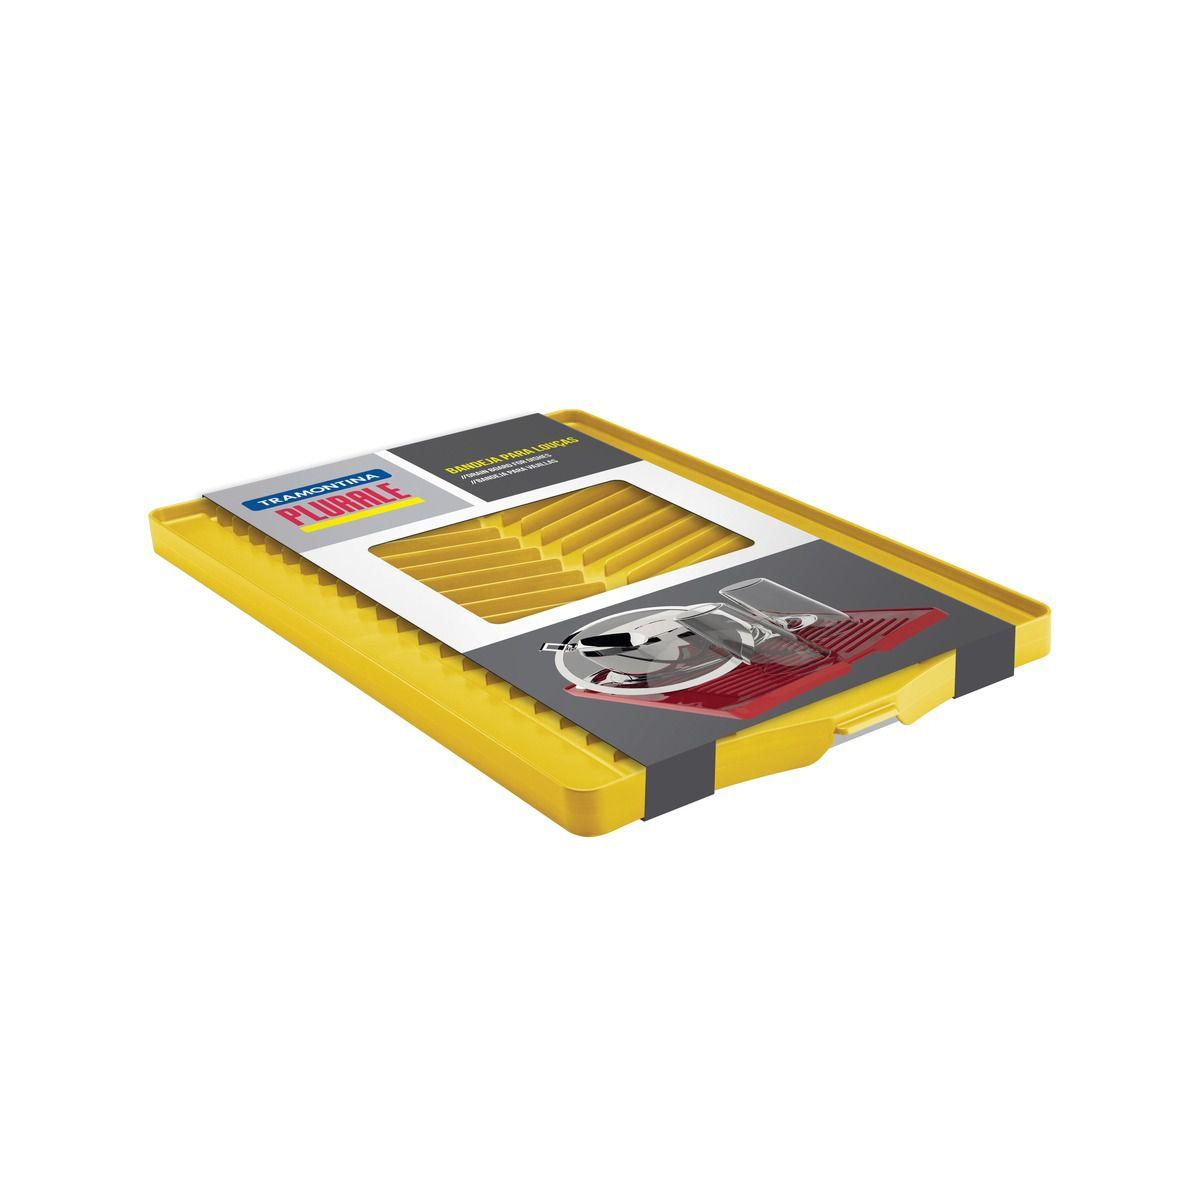 Bandeja Tramontina para Louça em Polipropileno Amarela com Superfície Coletora 61535/780   Lojas Estrela